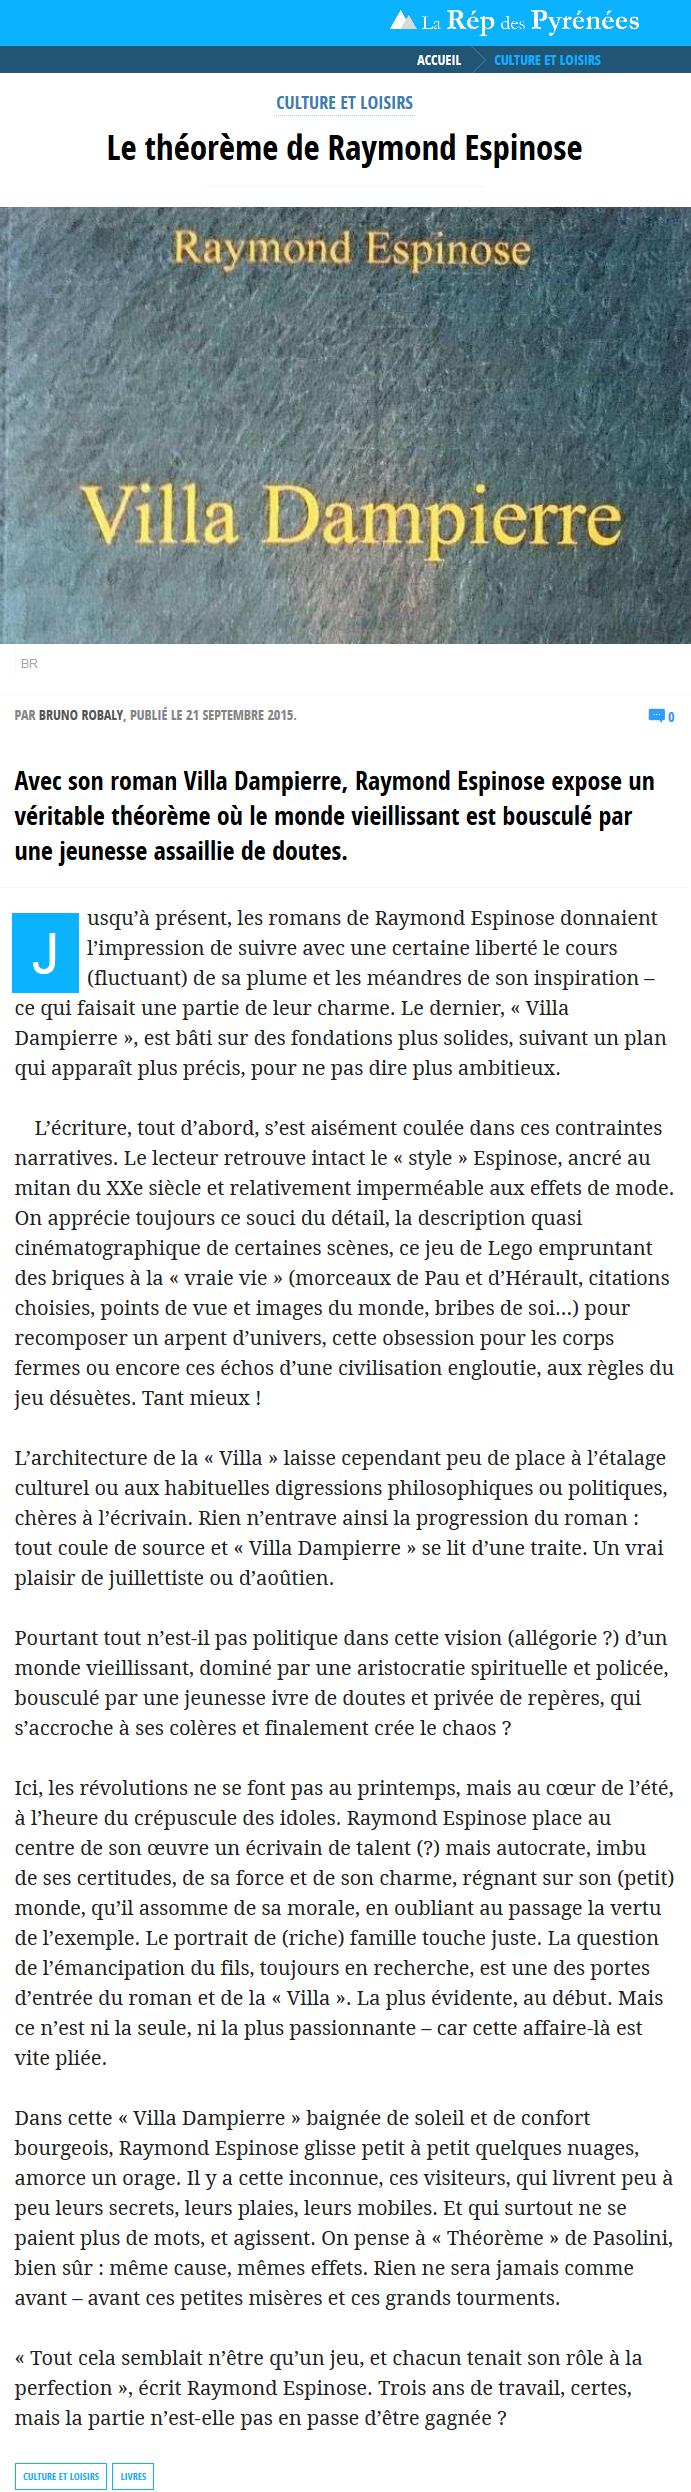 Espinose - La République des Pyrénées - 21092015